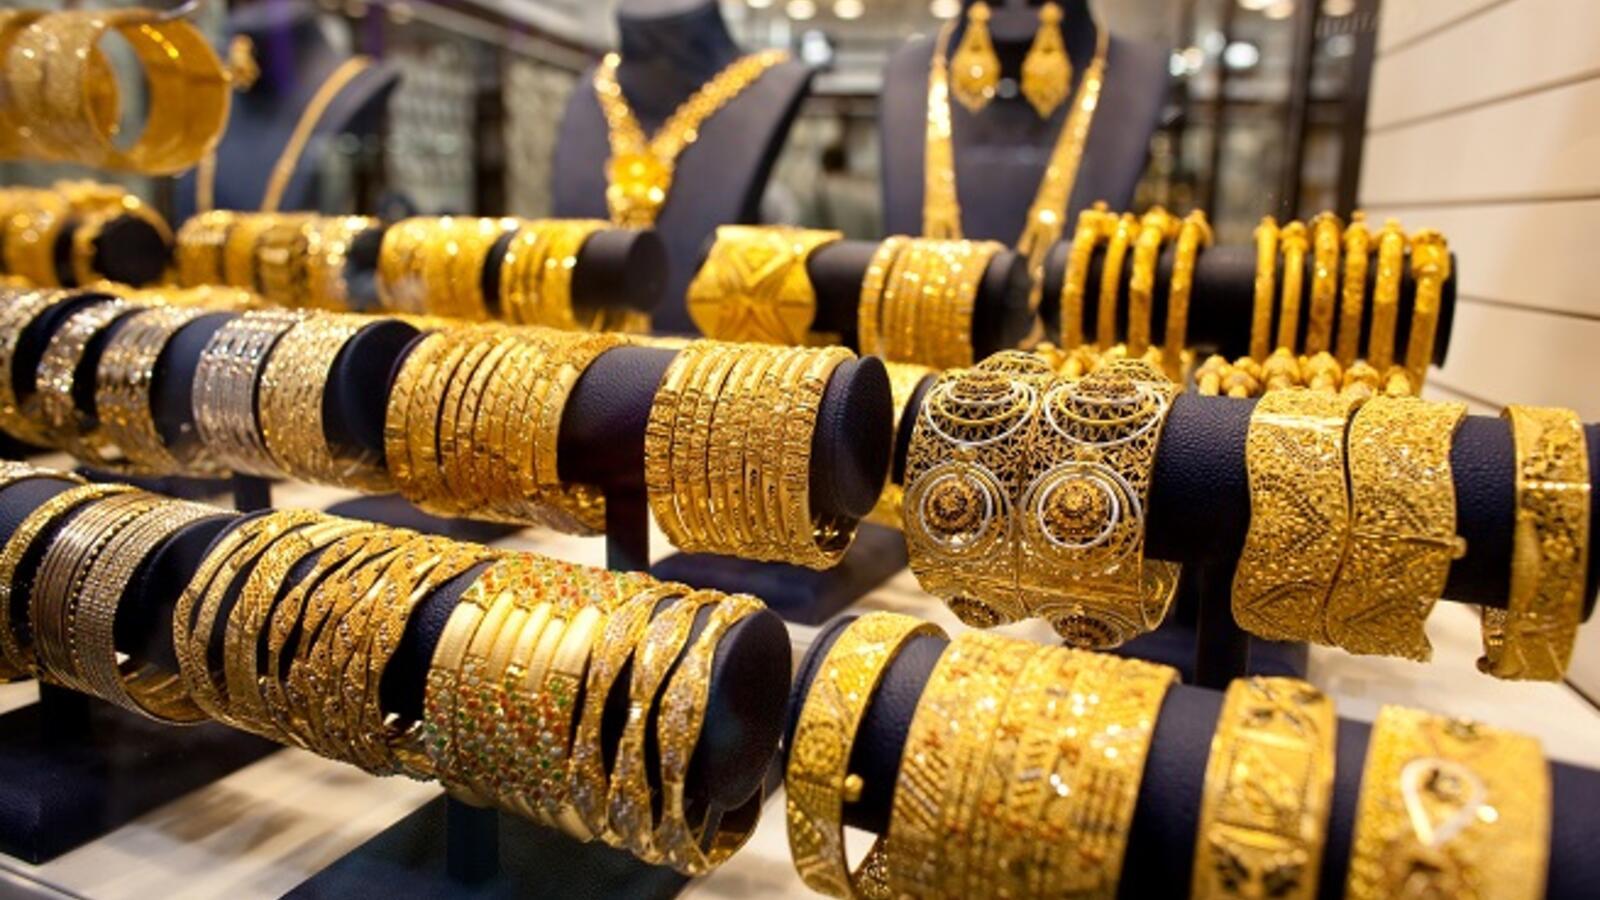 أسعار الذهب في مصر اليوم الأربعاء 23-10-2019 وارتفاع عيار 21 - جريدة المال